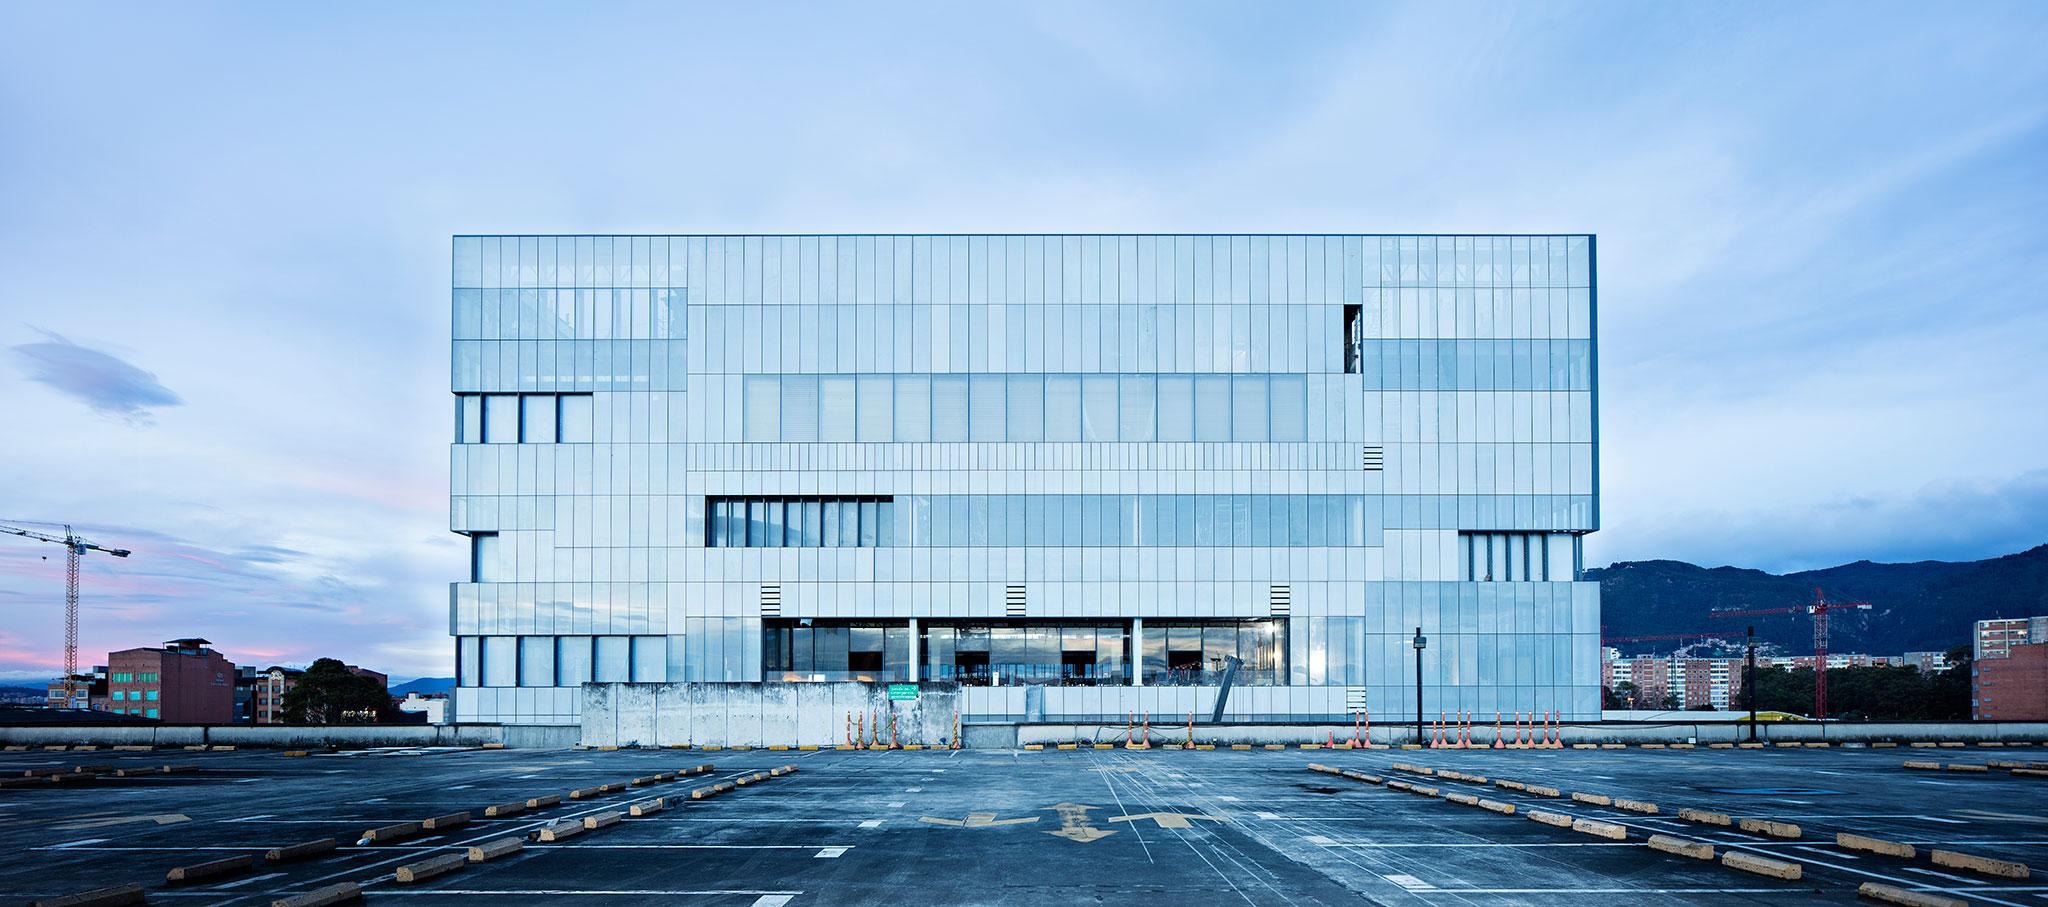 Inauguración, el centro de eventos Ágora-Bogotá por Bemúdez Arquitectos y Estudio Herreros. Fotografía © Javier Callejas